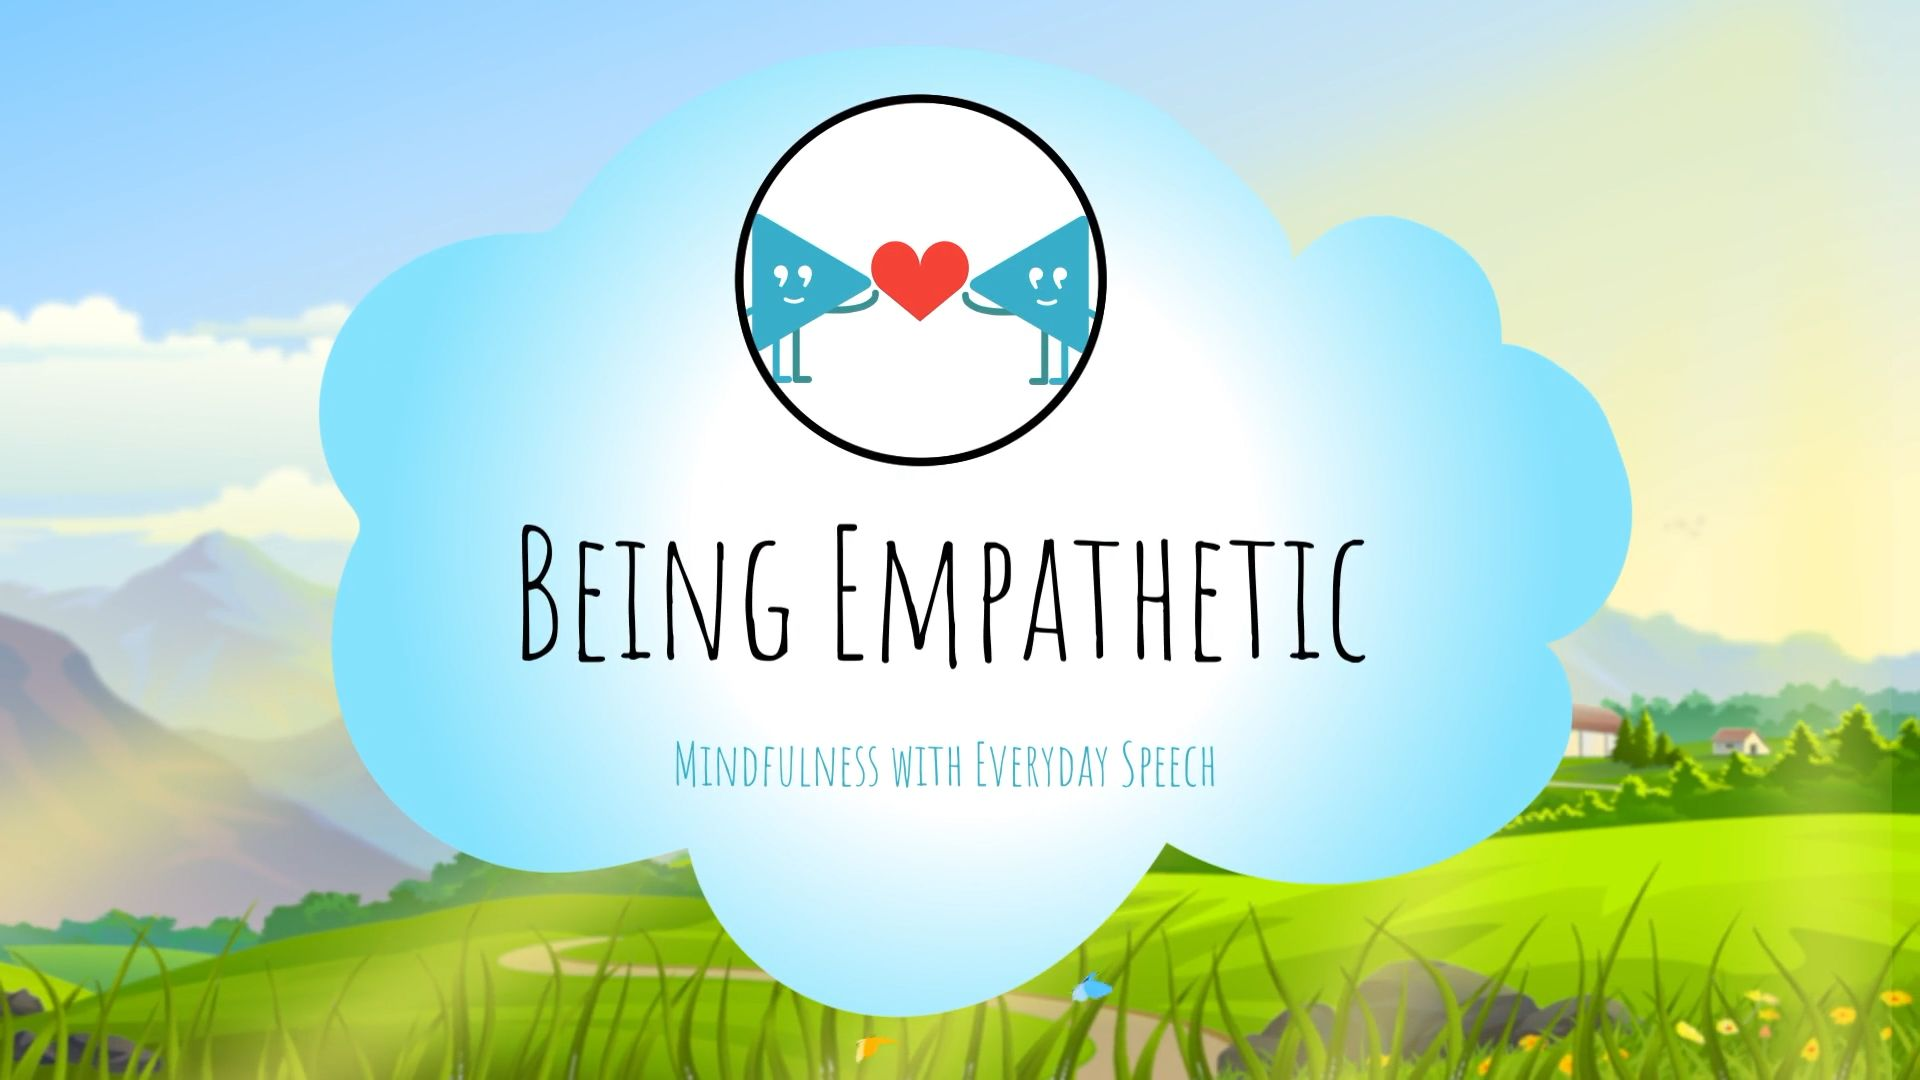 Being Empathetic